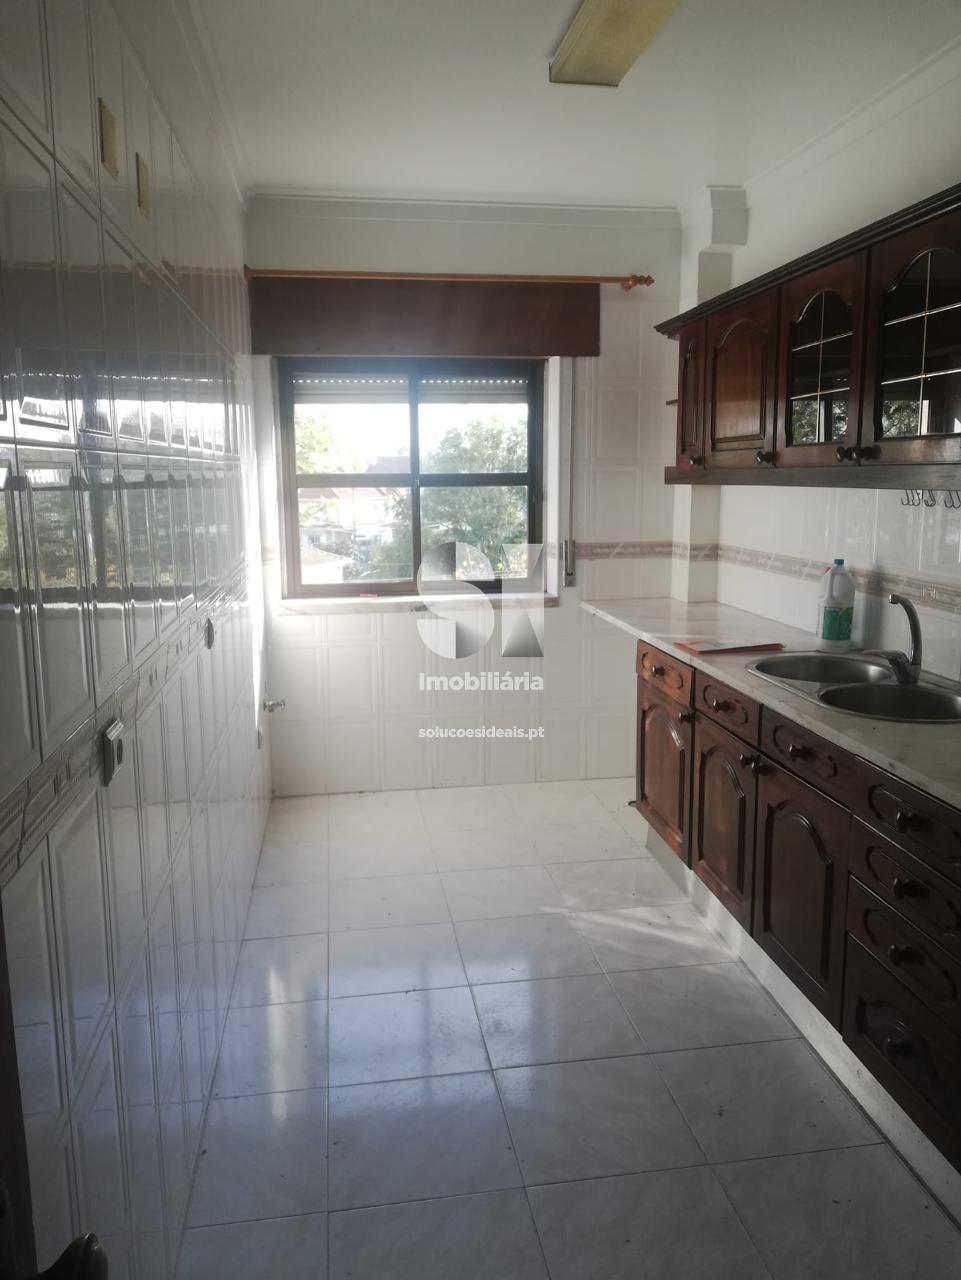 apartamento t2 para compra em seixal uniao das freguesias do seixal arrentela e aldeia de paio pires SXLSS817